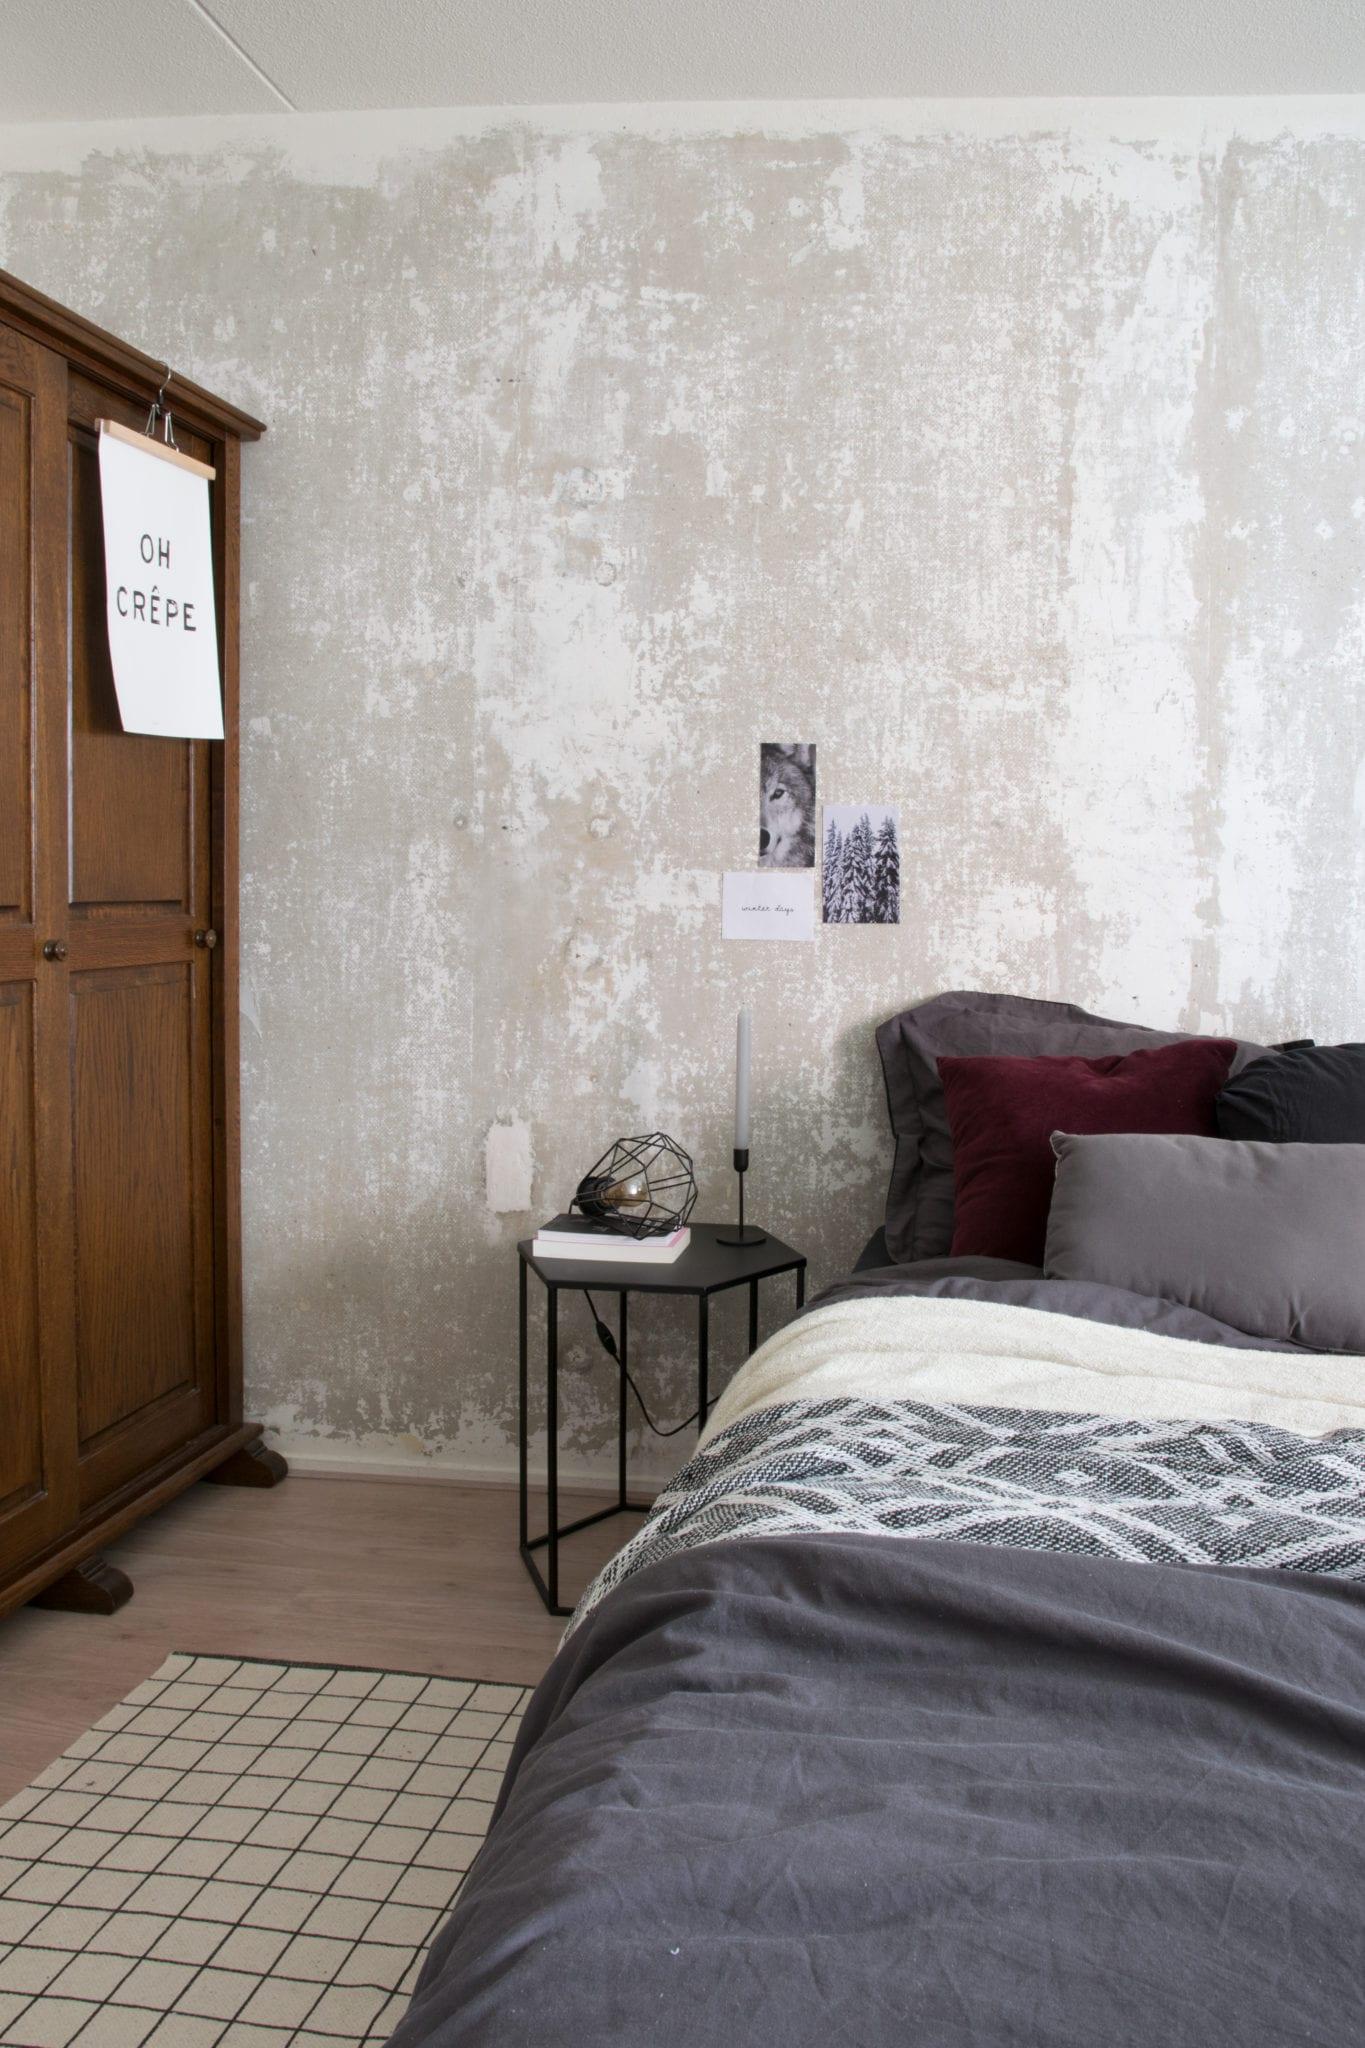 Binnenkijken bij Hilgré slaapkamer